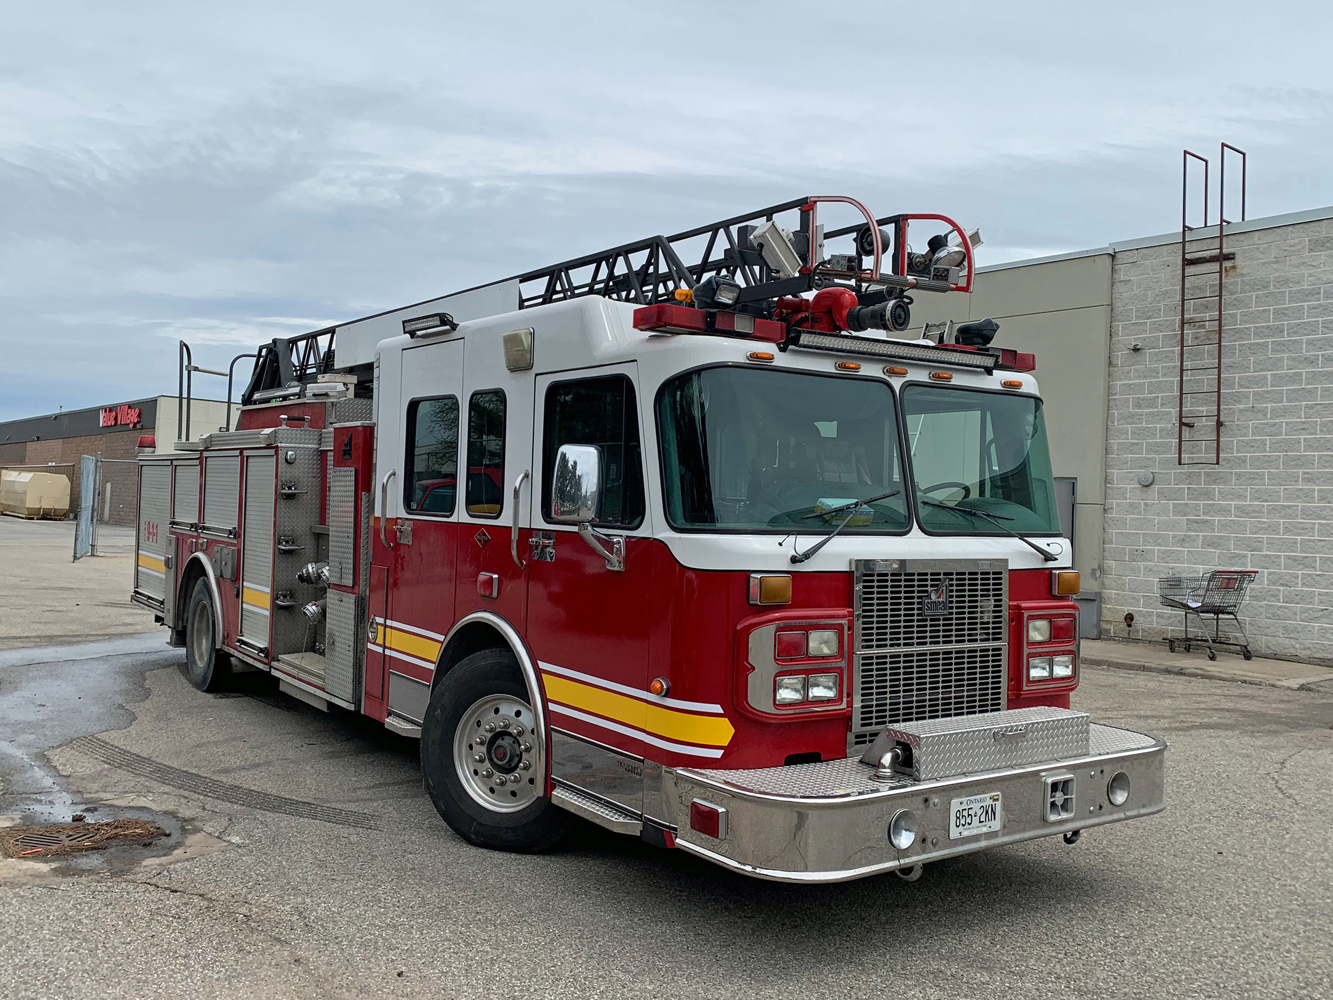 L451 Smeal Ladder